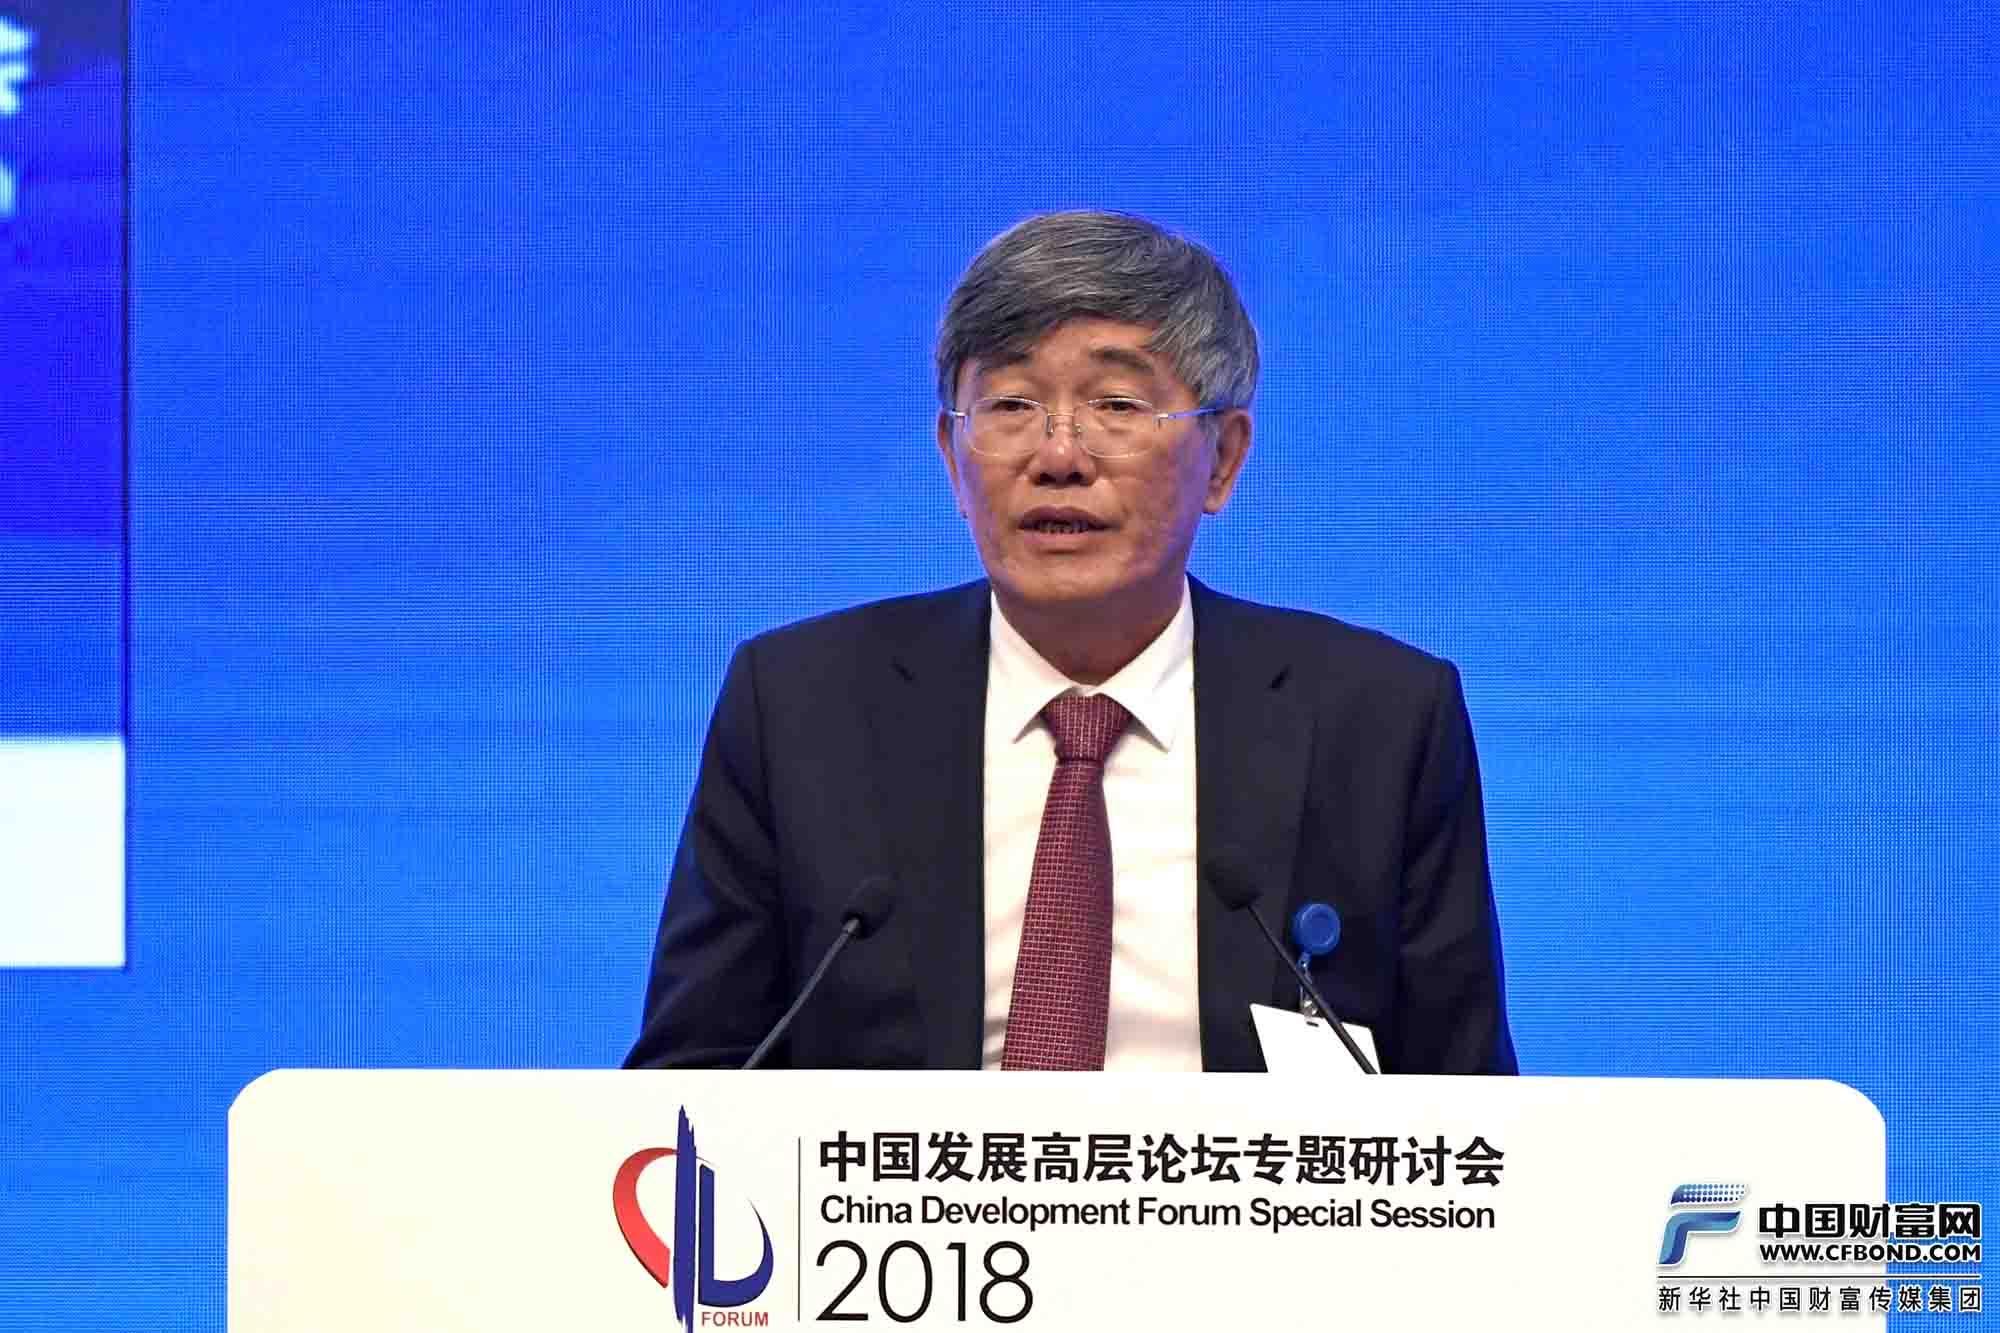 楊偉民:協同推進產權制度改革和要素市場化改革